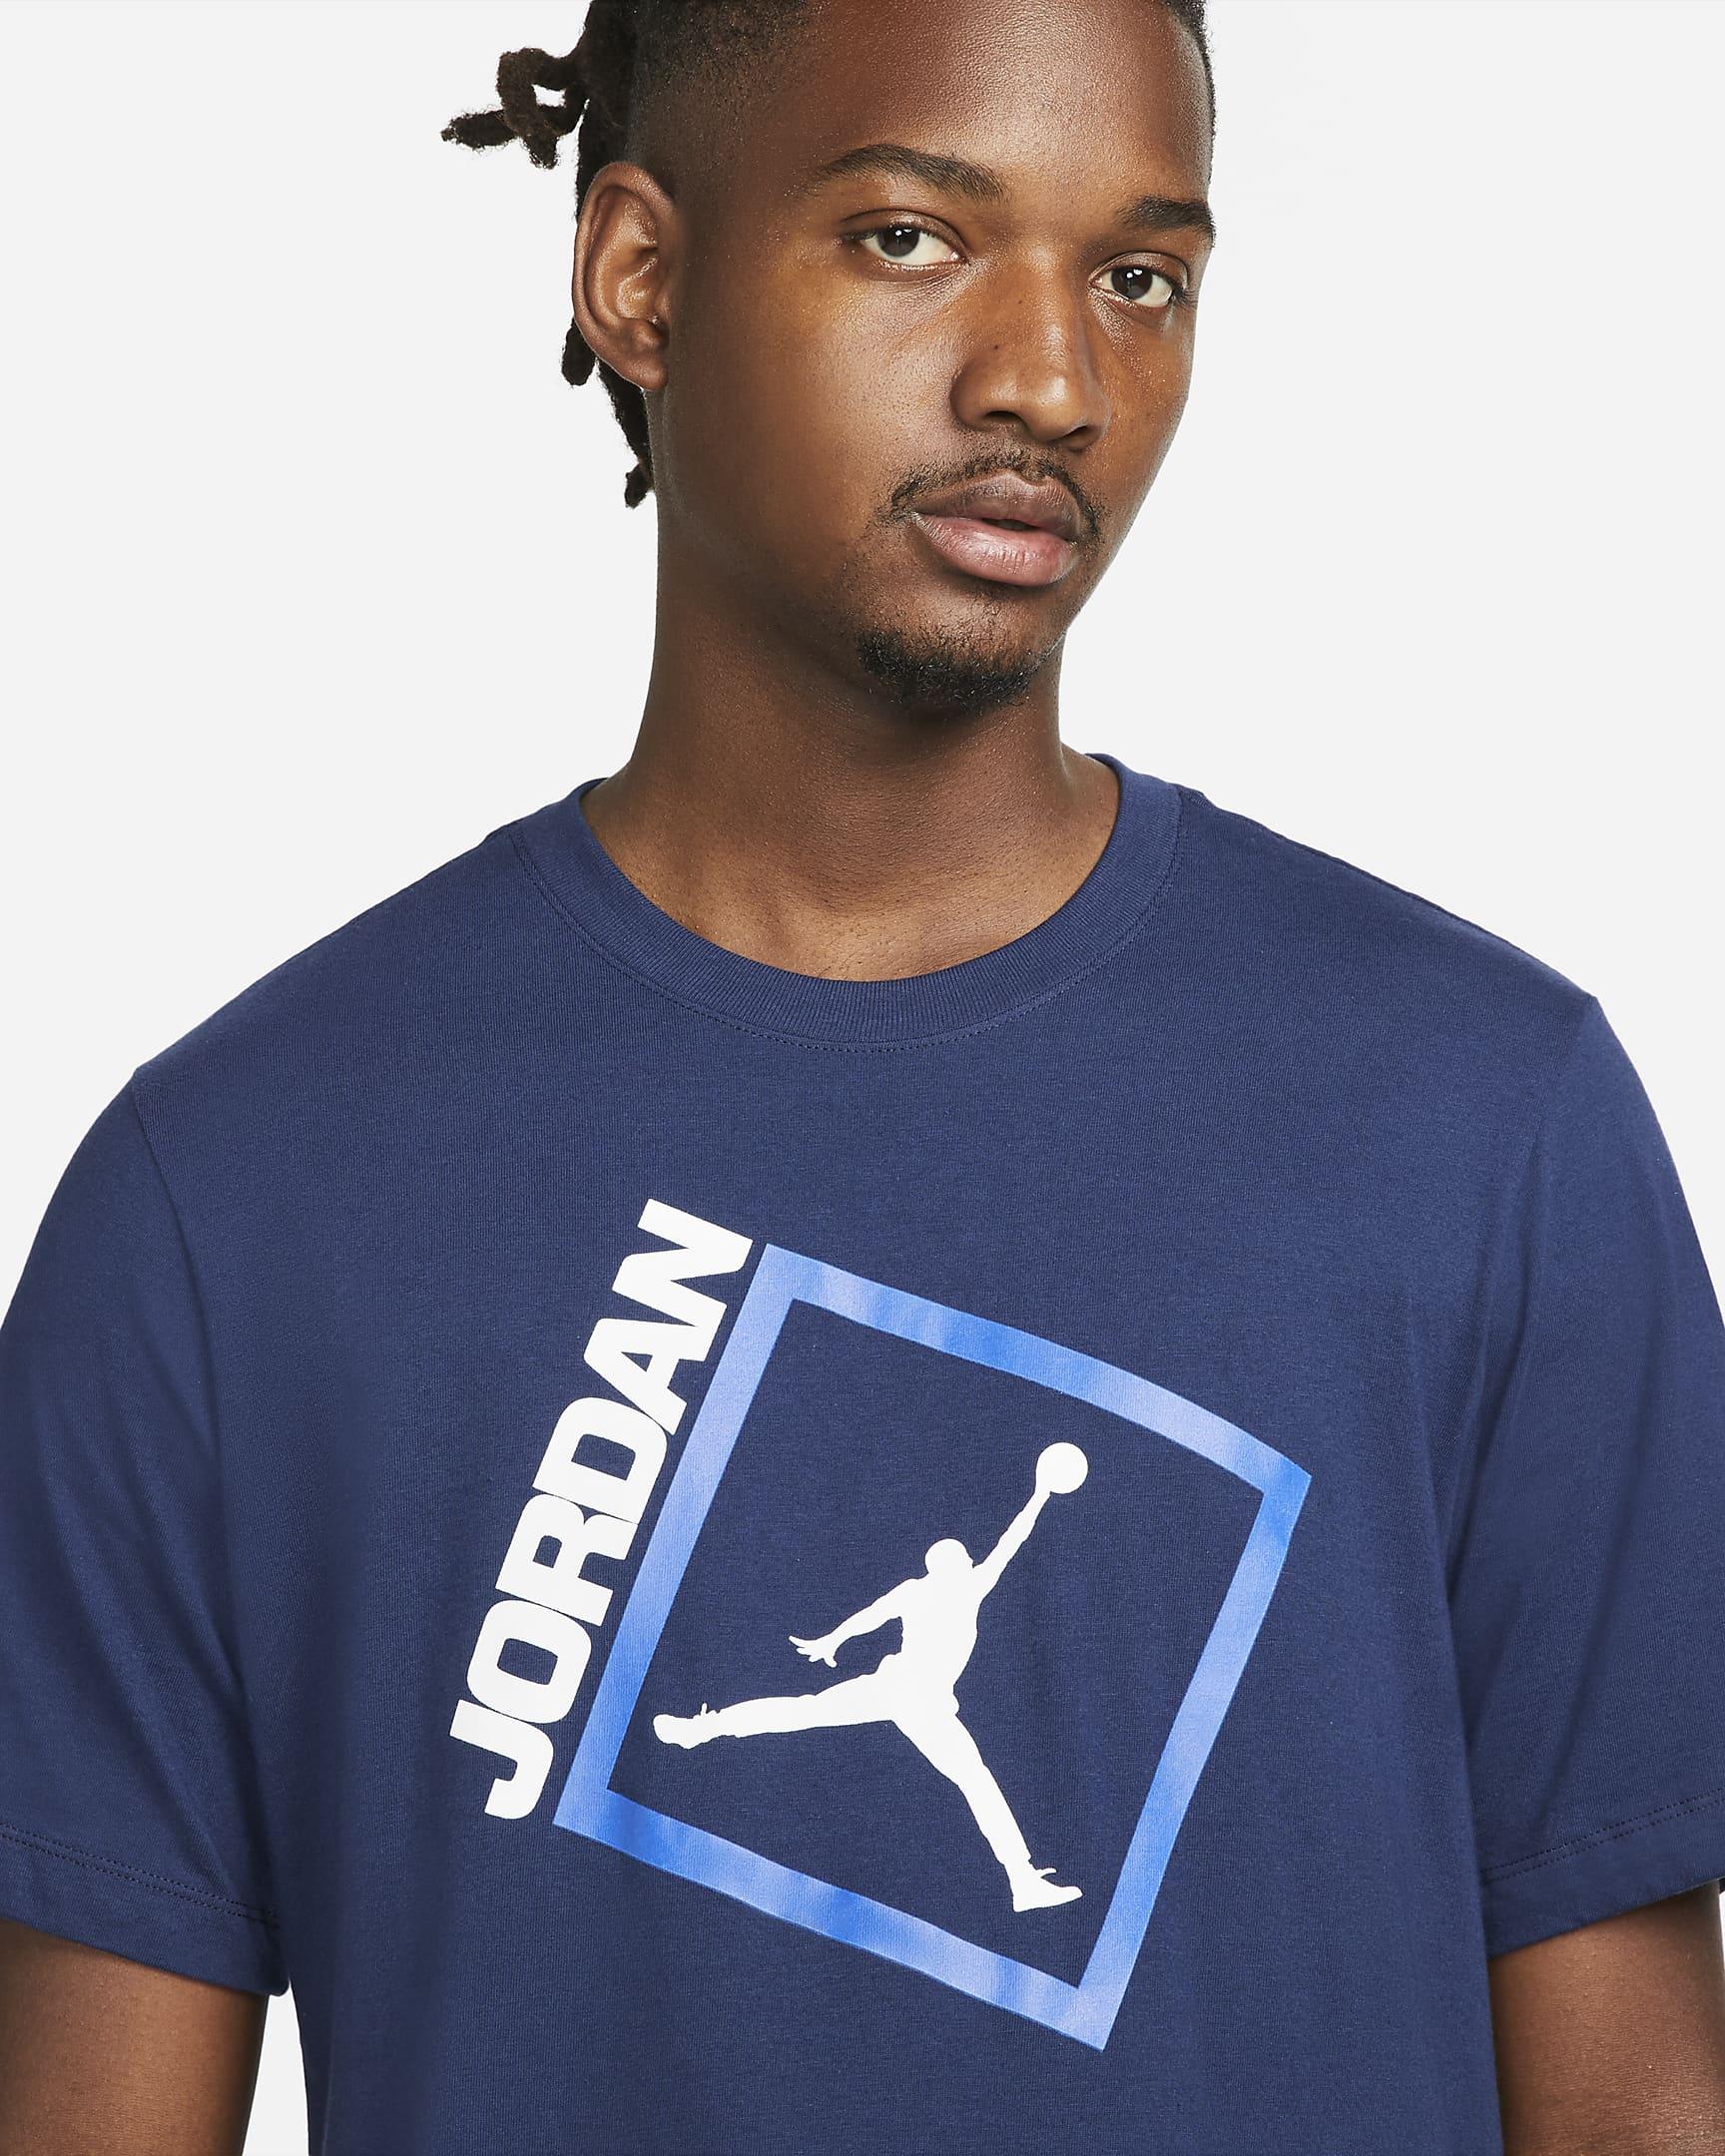 jordan-jumpman-box-mens-short-sleeve-t-shirt-PDzr9g-1.png